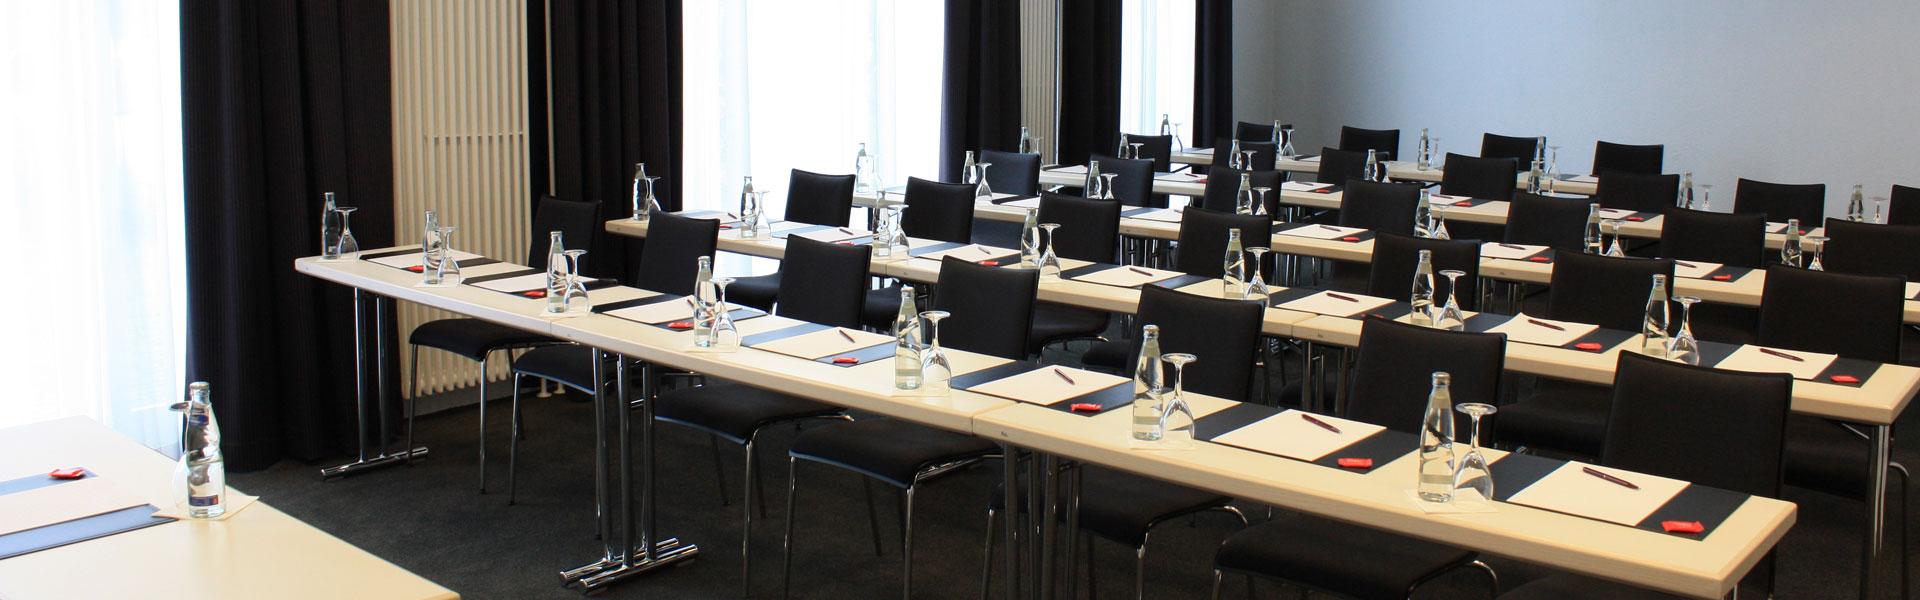 Tagungsraum Brandenburg Tagung Bielefeld